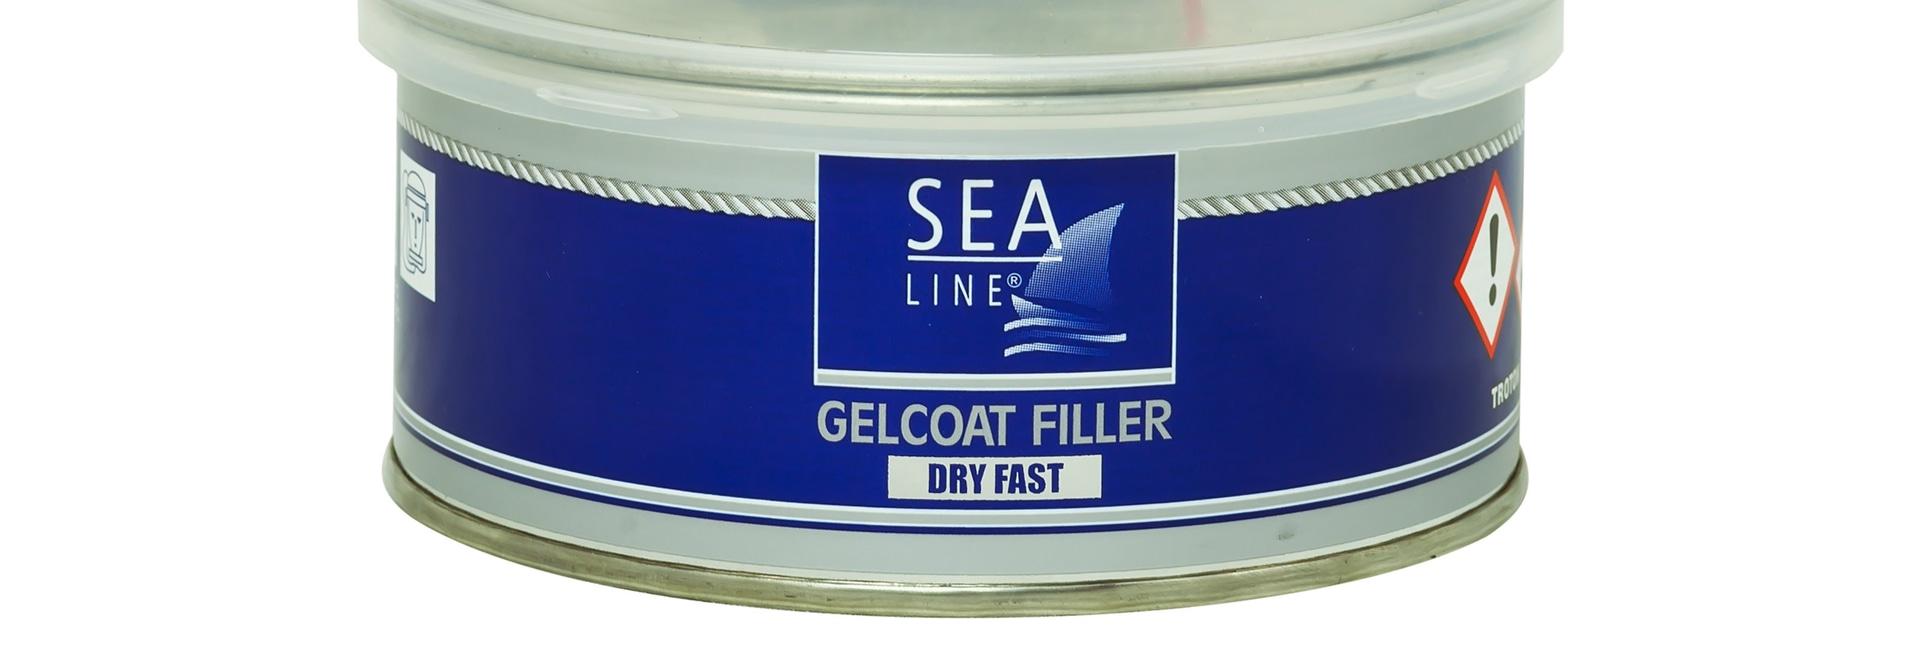 Gelcoat Filler DRY FAST